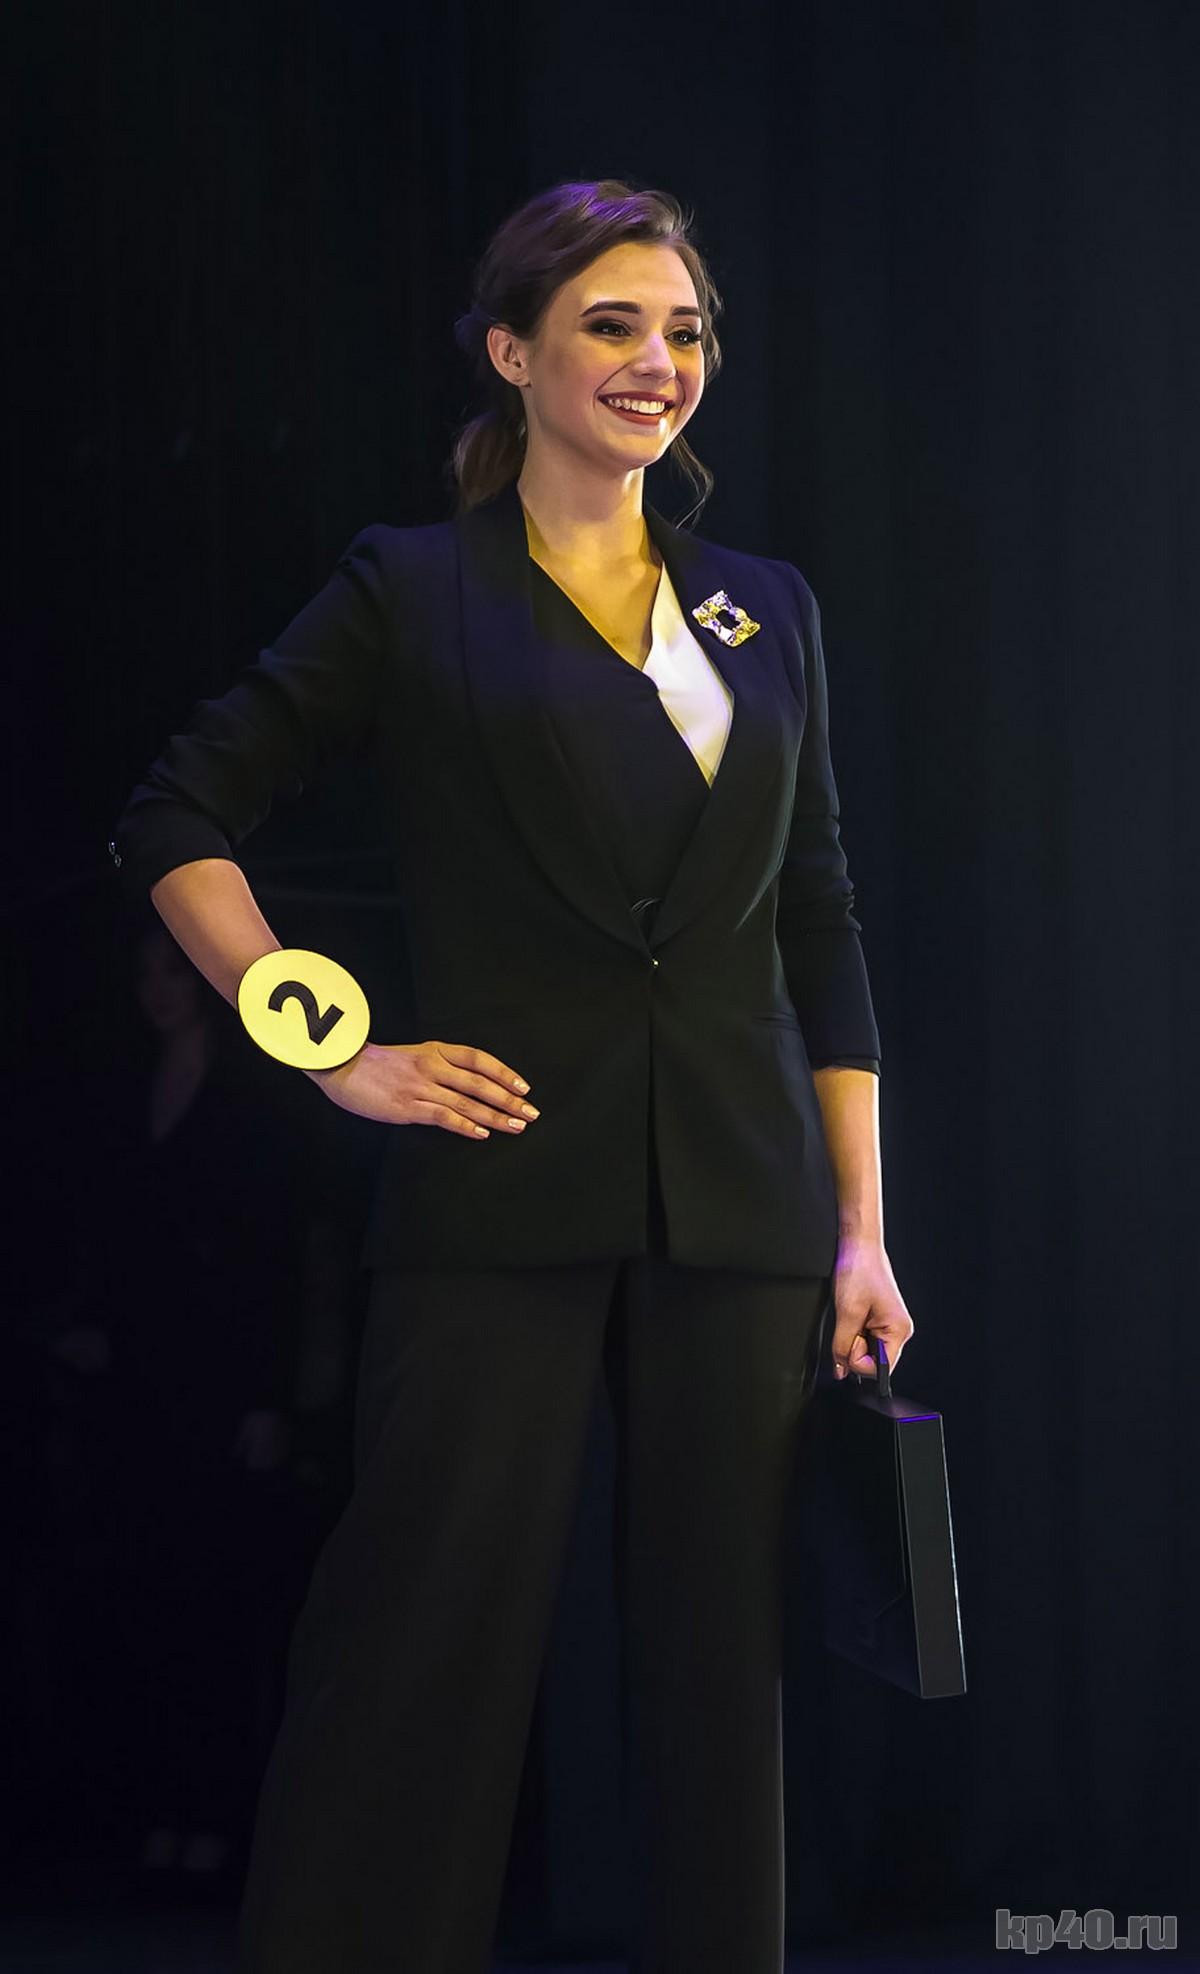 Мисс КГУ в Калуге 2020